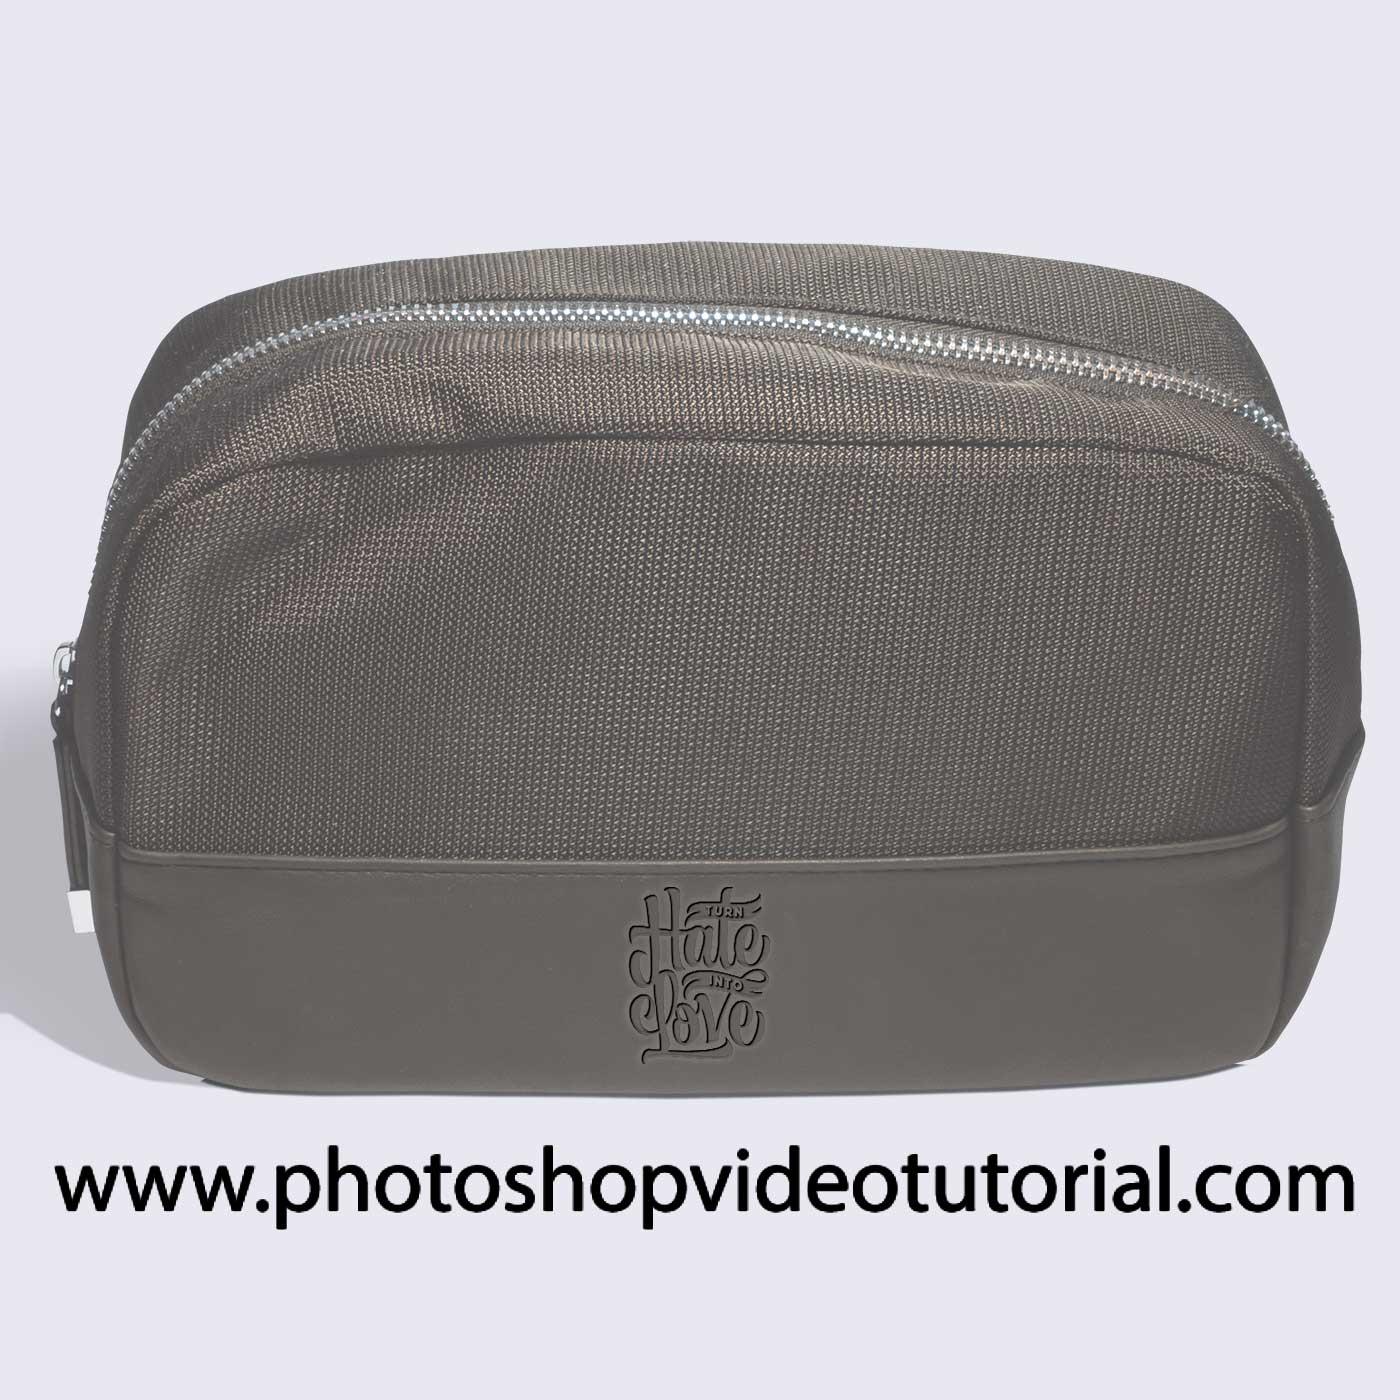 Leather Bag PSD Mockup Design